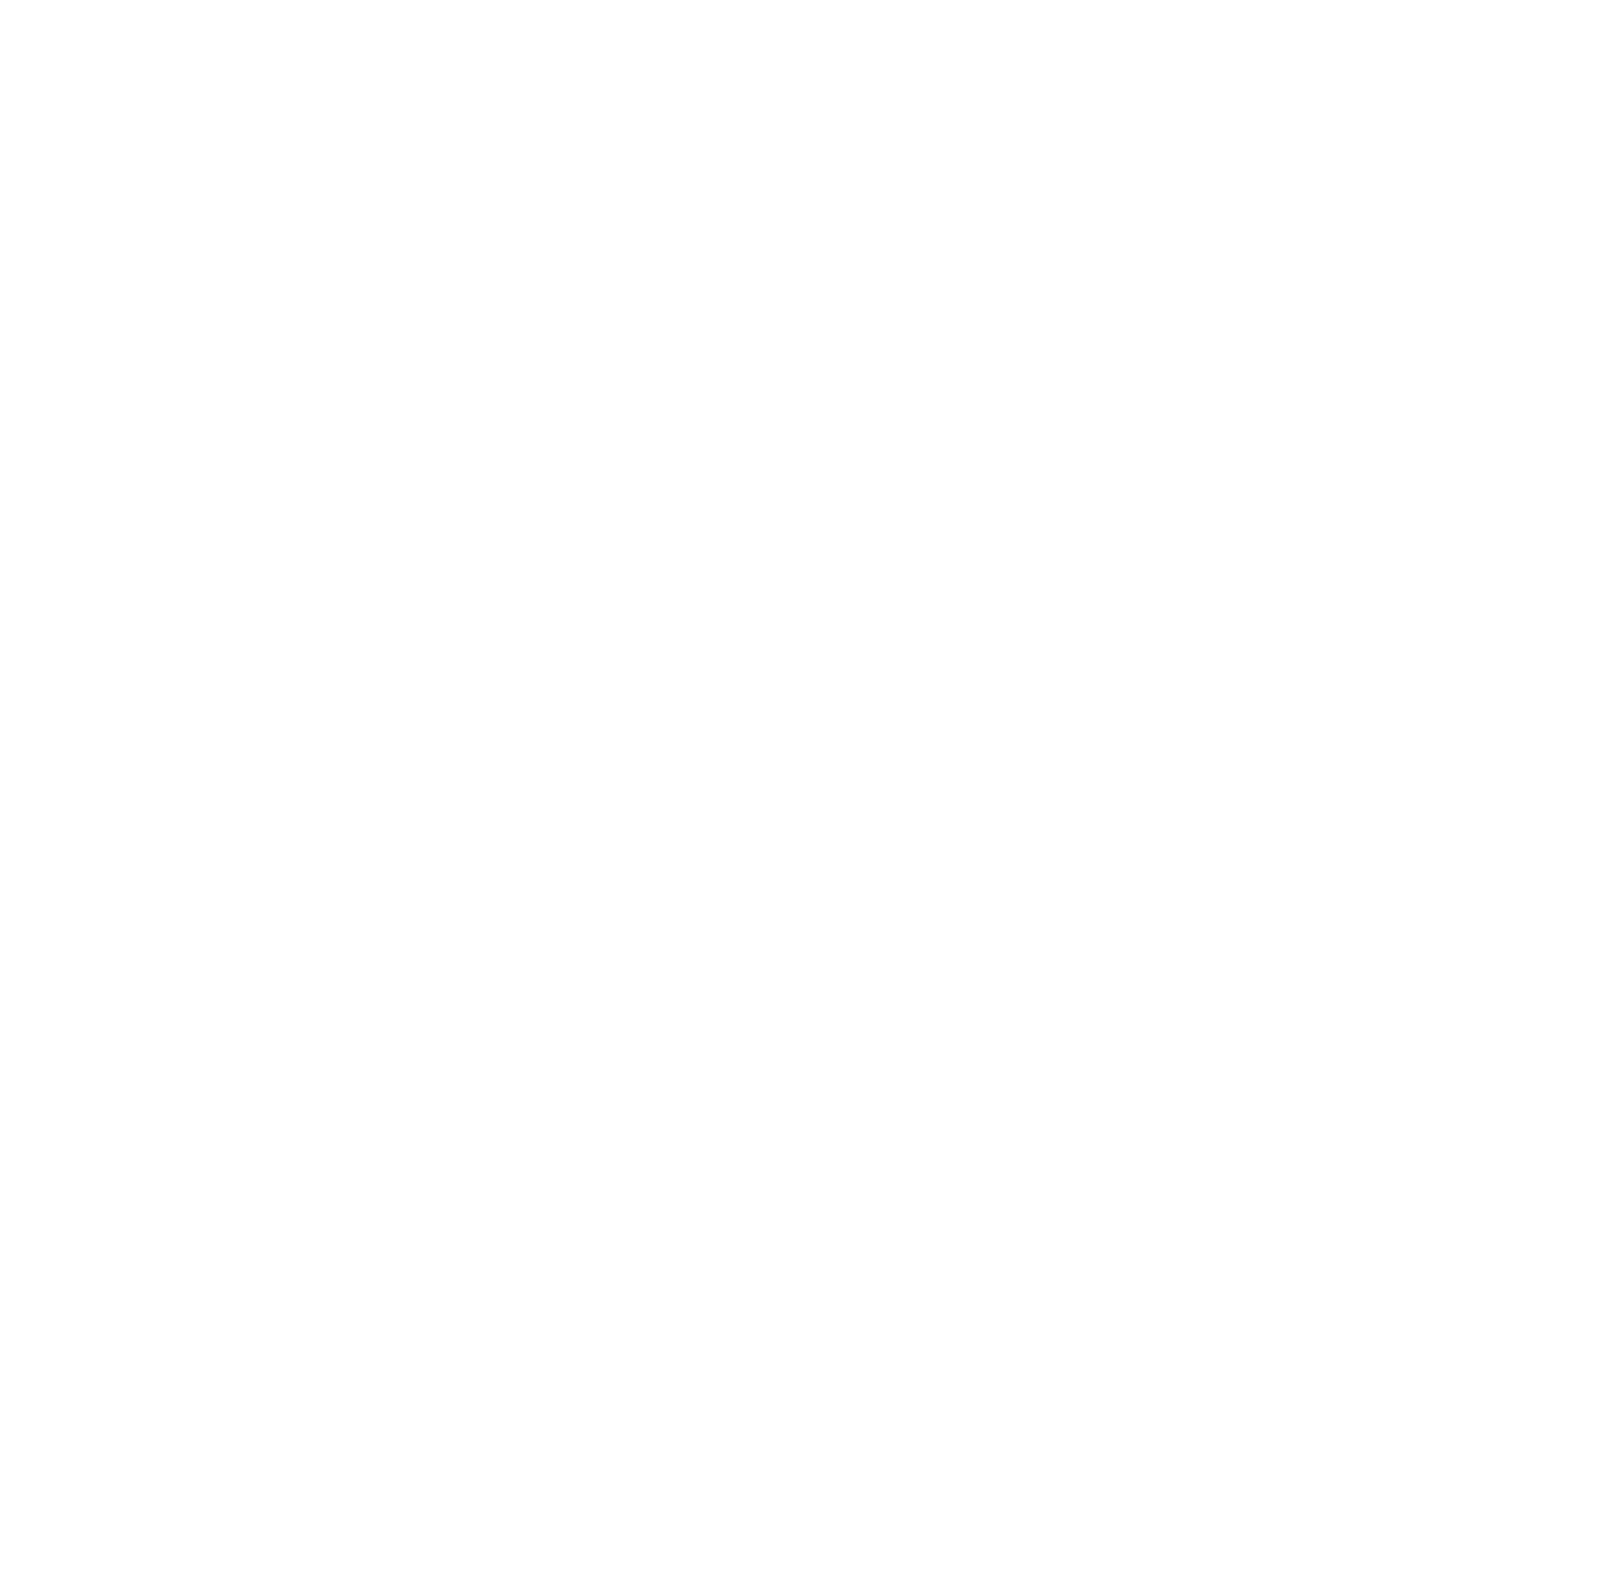 Chemin V – Technique mixte sur papier marouflé sur toile 120×120 2011